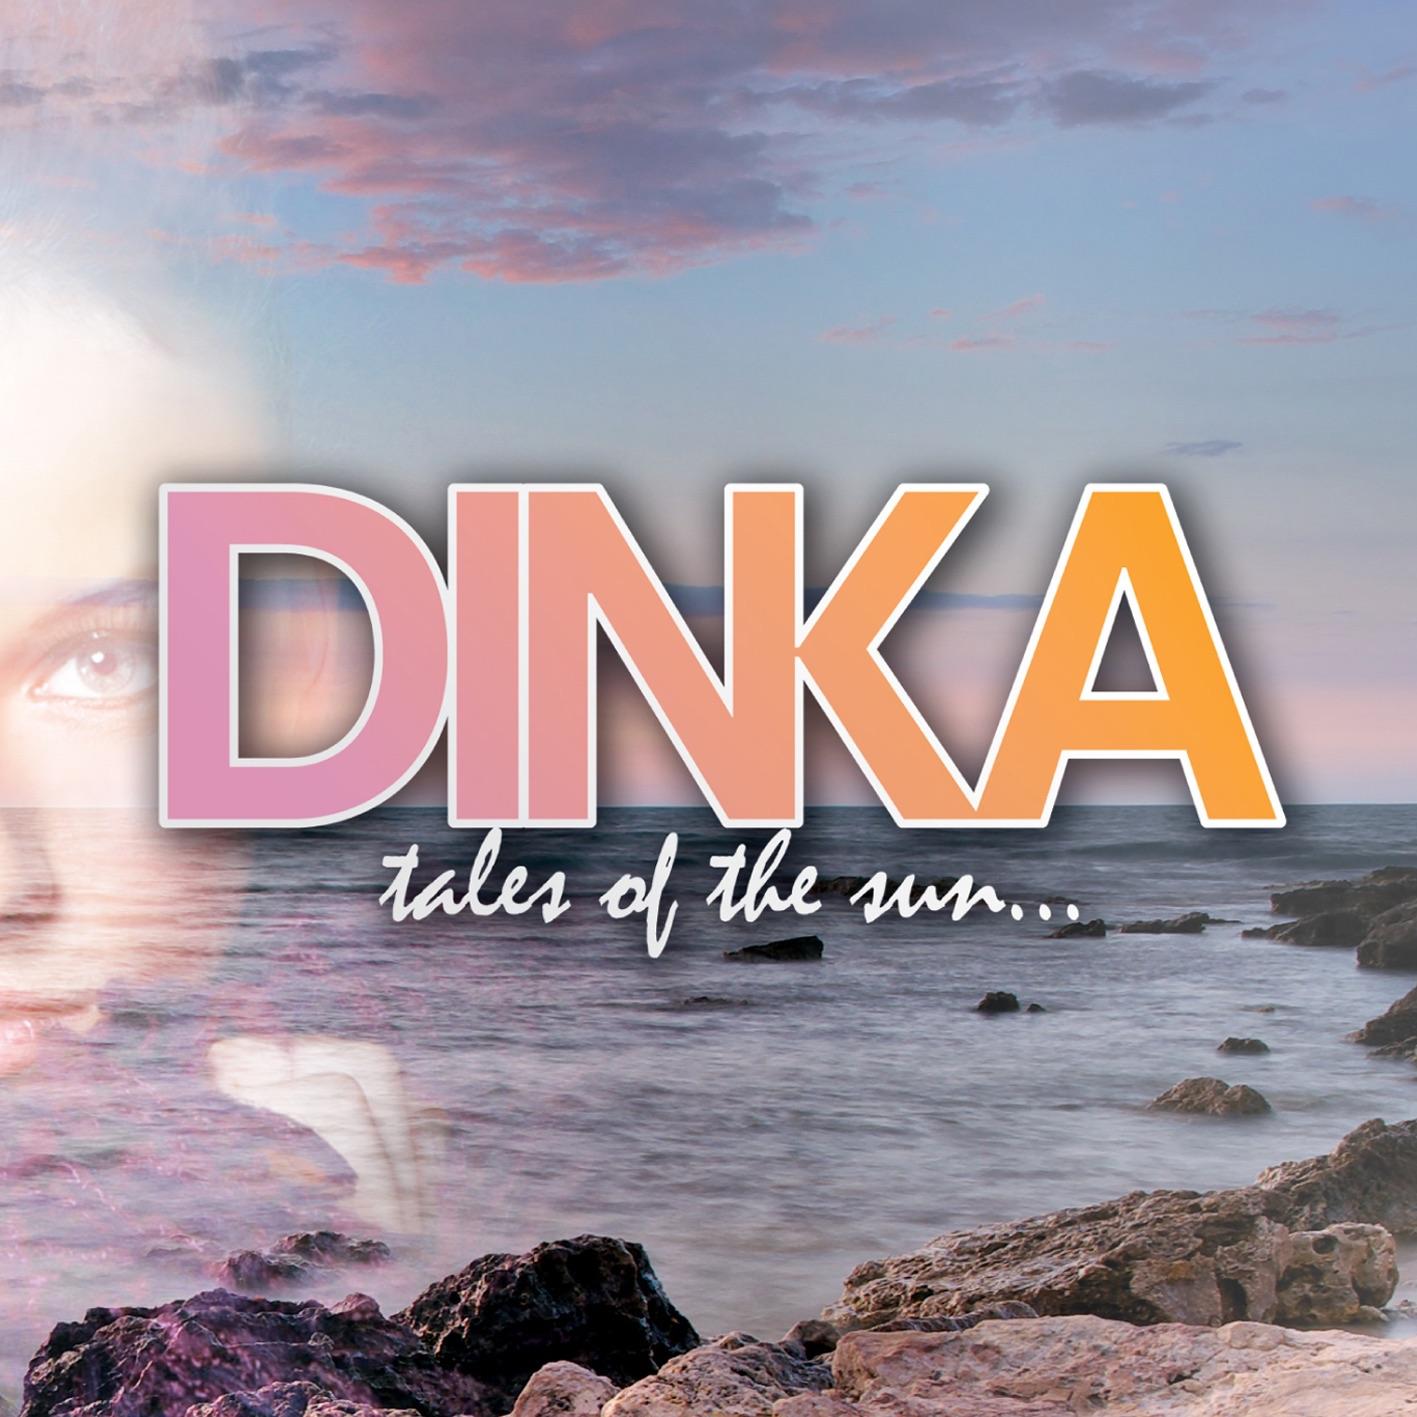 Dinka